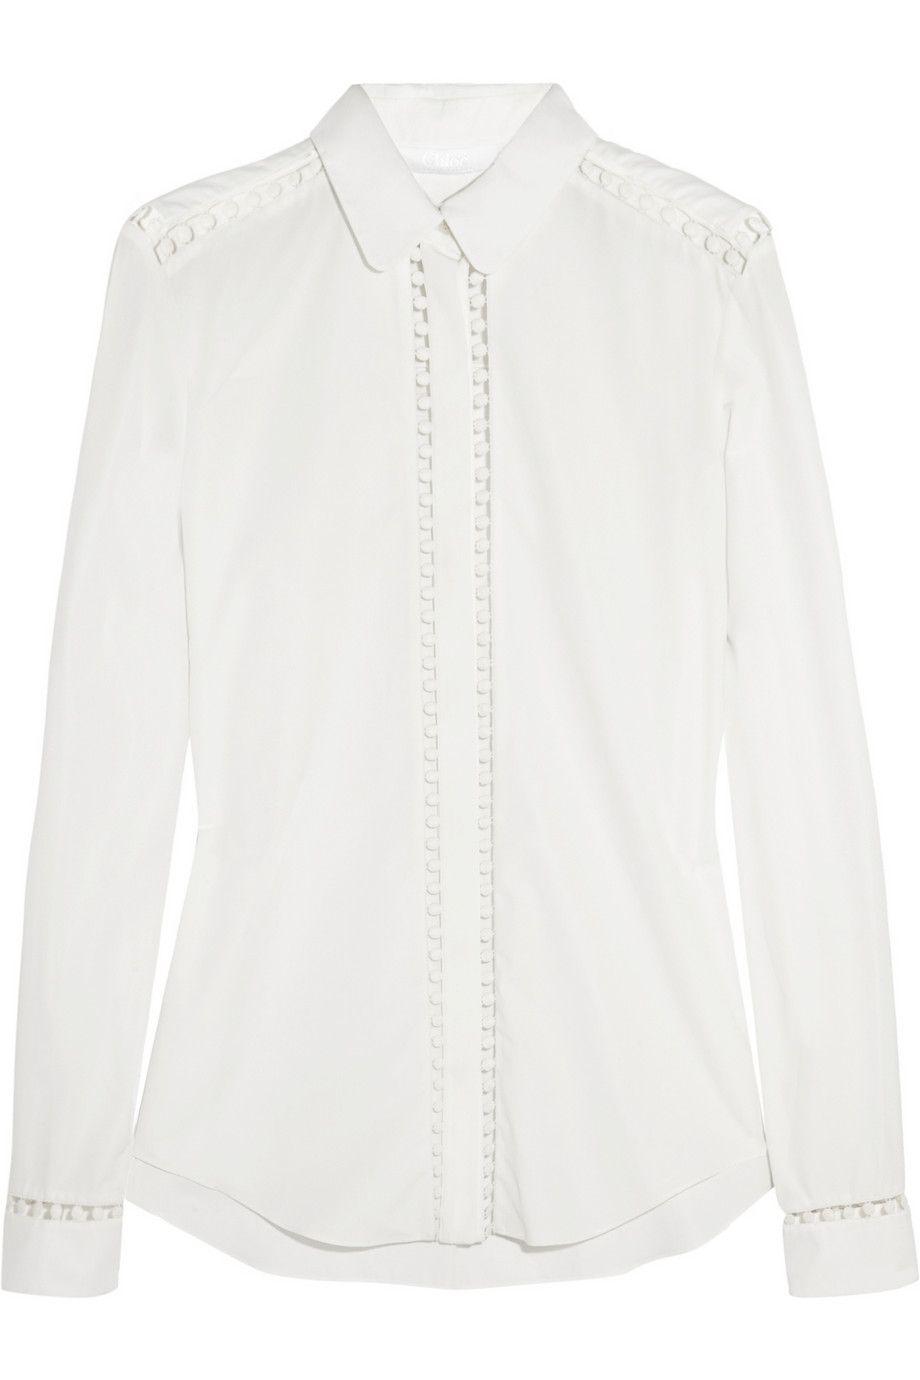 Chloé Embroidered cotton shirt NET-A-PORTER.COM